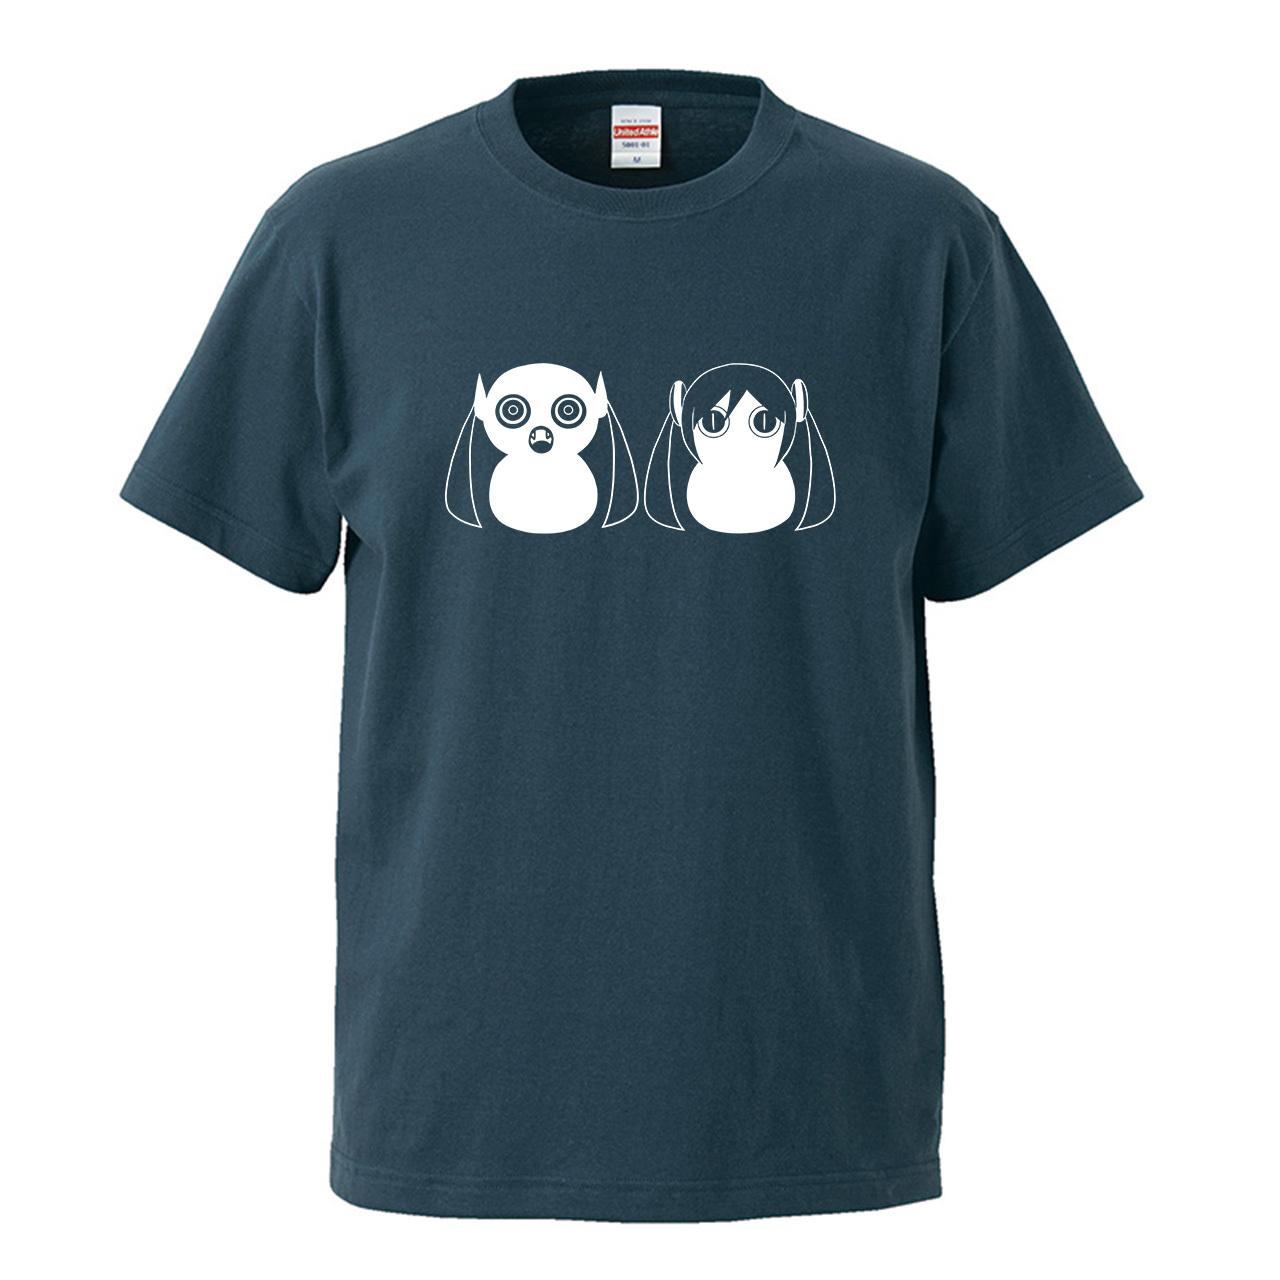 【受注生産再販】ピノキオピー - 八八 -パチパチ-  Tシャツ(スレート)+ステッカーセット - 画像1